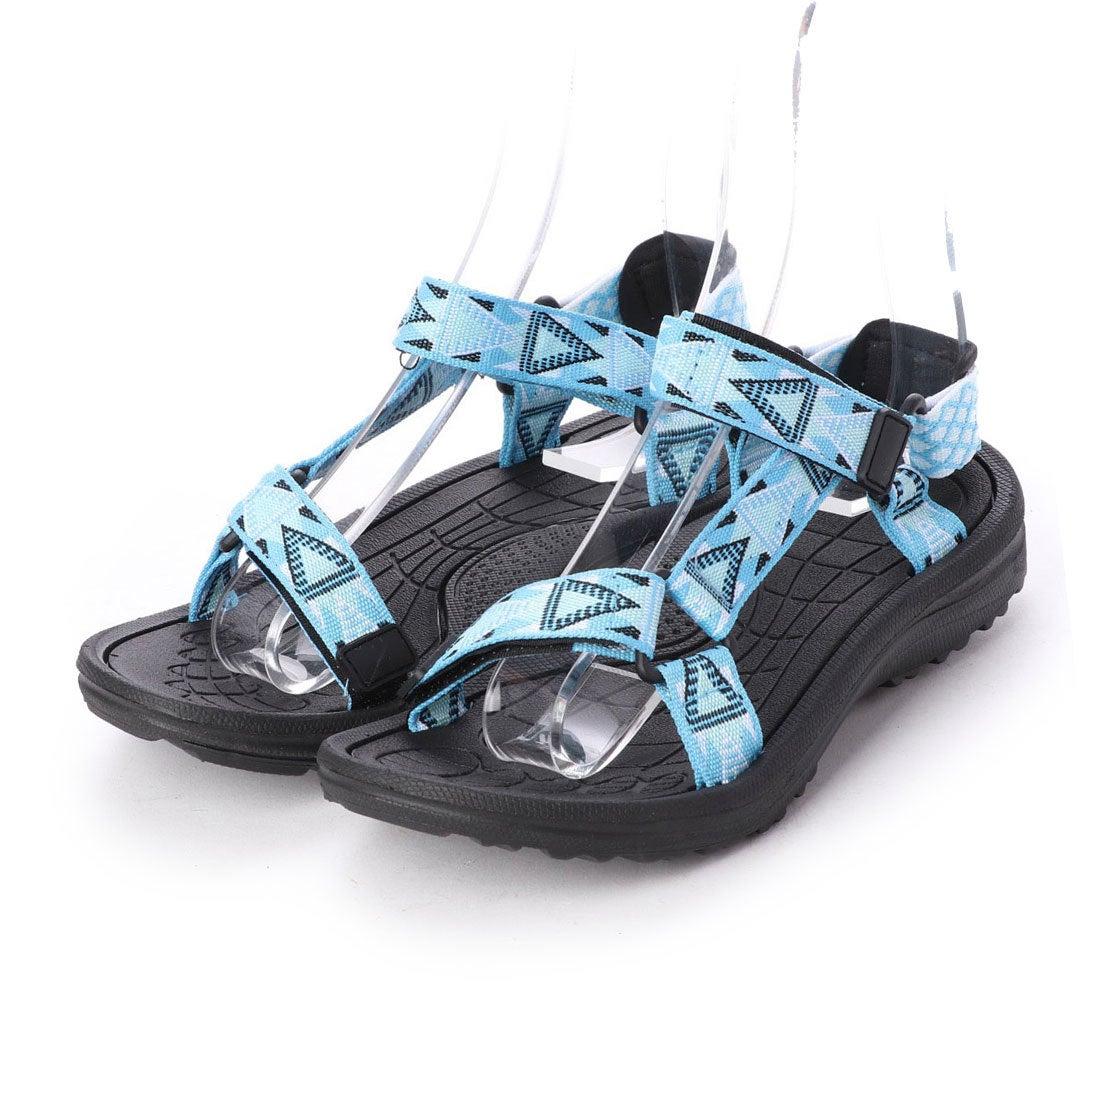 4f553824f170a ベルクロスポーツサンダル キッズ ソロット SOROTTO(KIDS) (BLUE) -靴&ファッション通販 ロコンド〜自宅で試着、気軽に返品